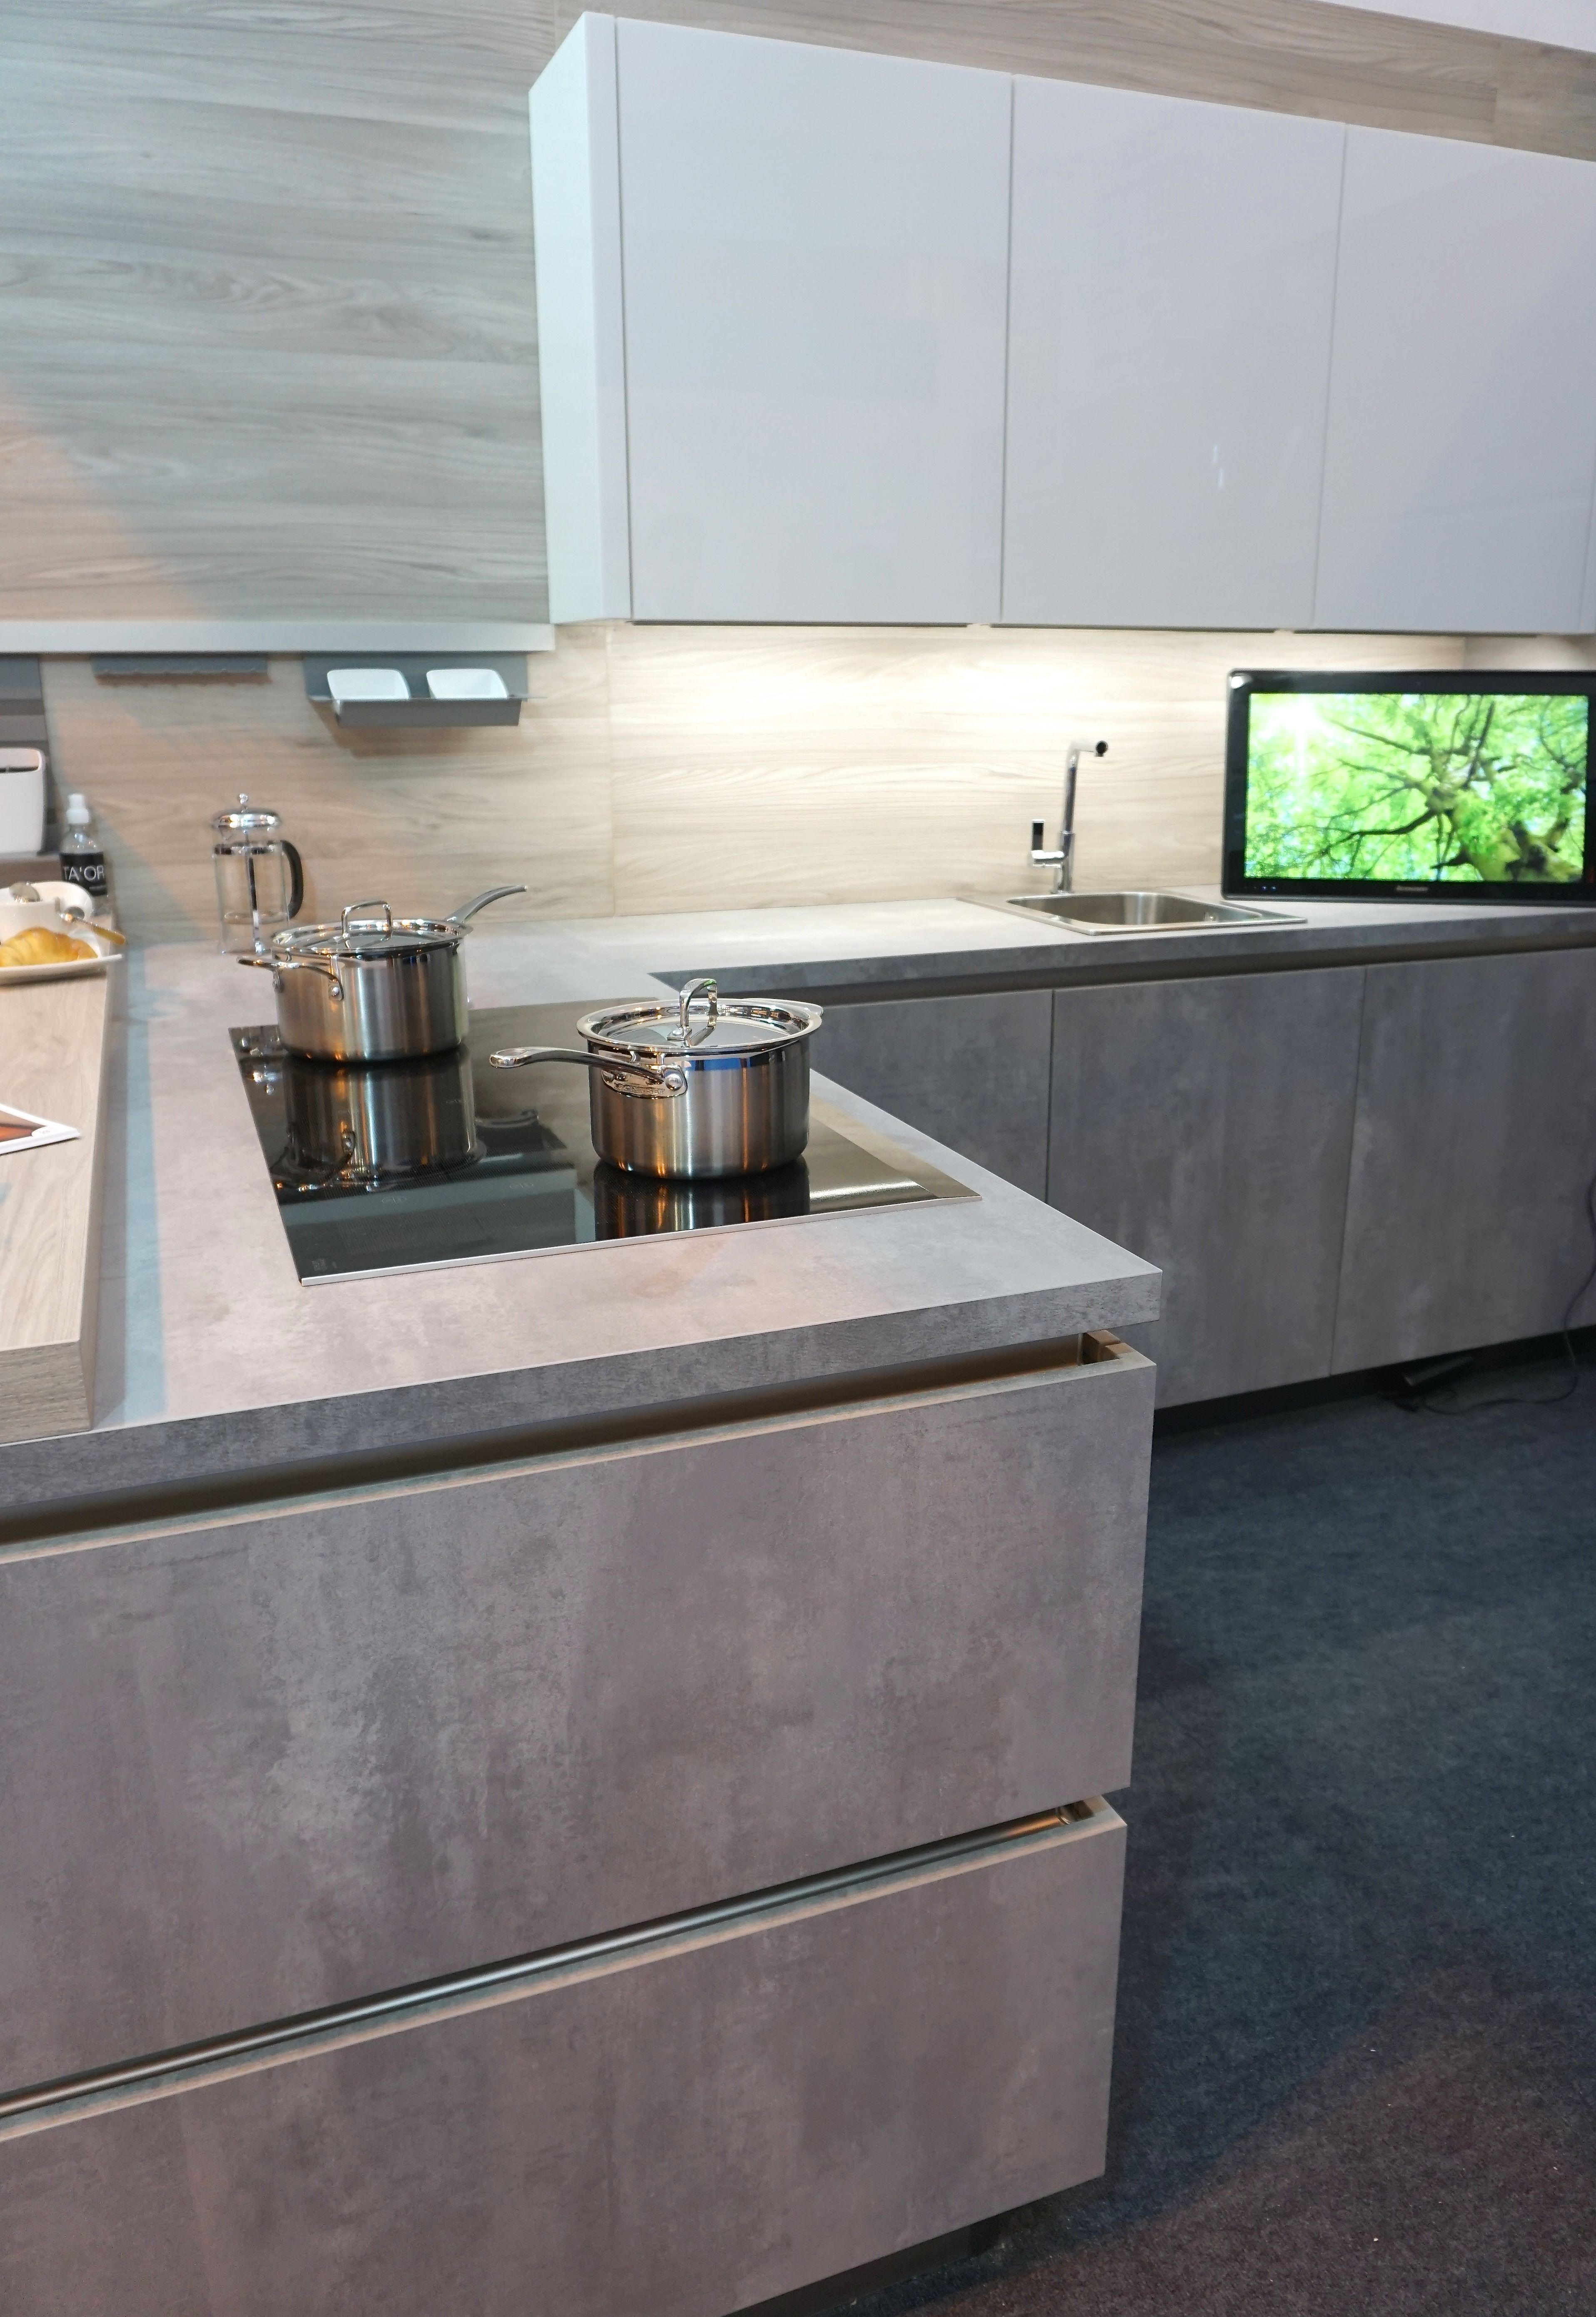 Concrete effect kitchen unit doors at KBB 2016